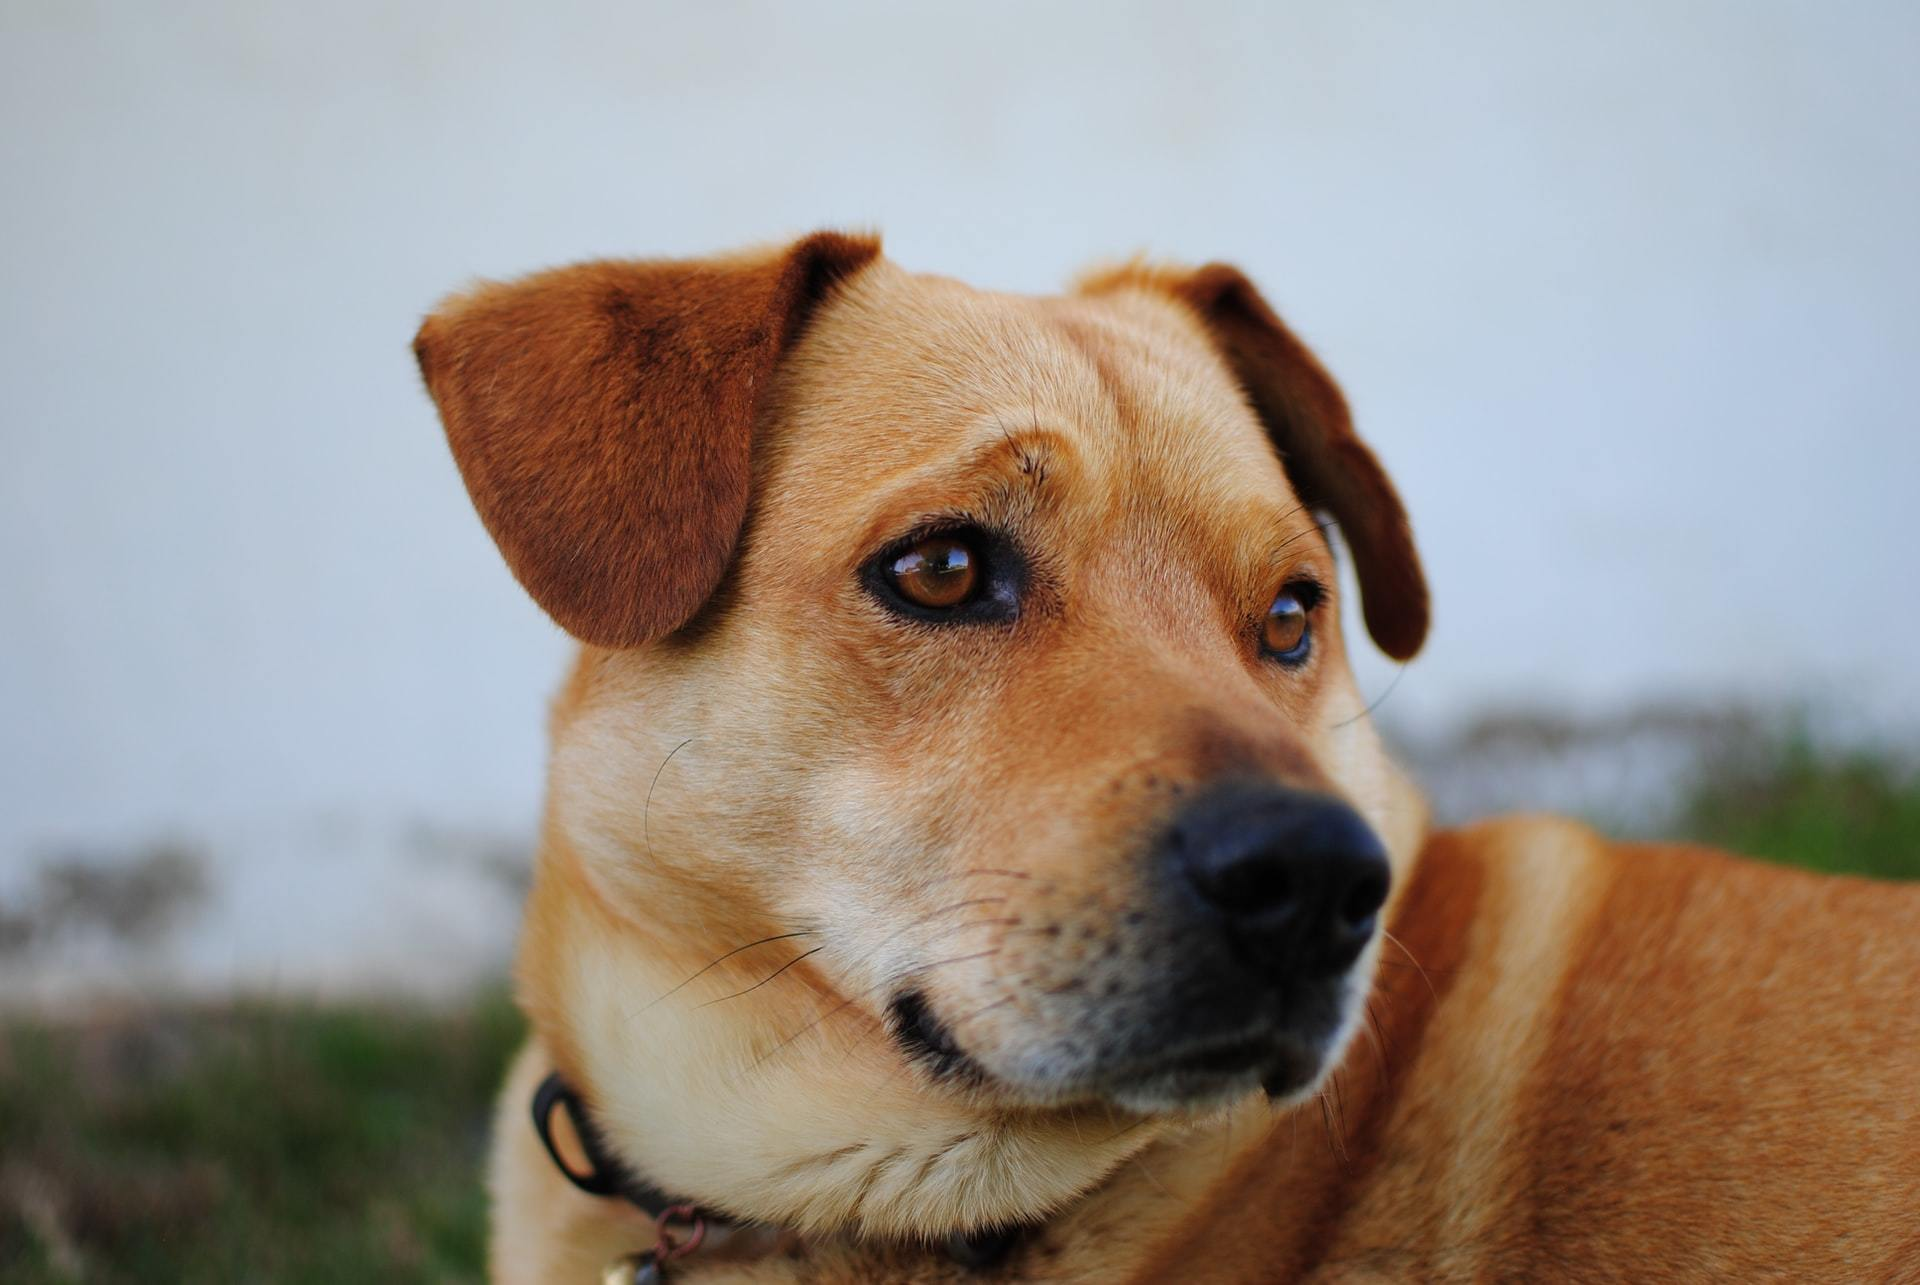 Dog chronic ear infection